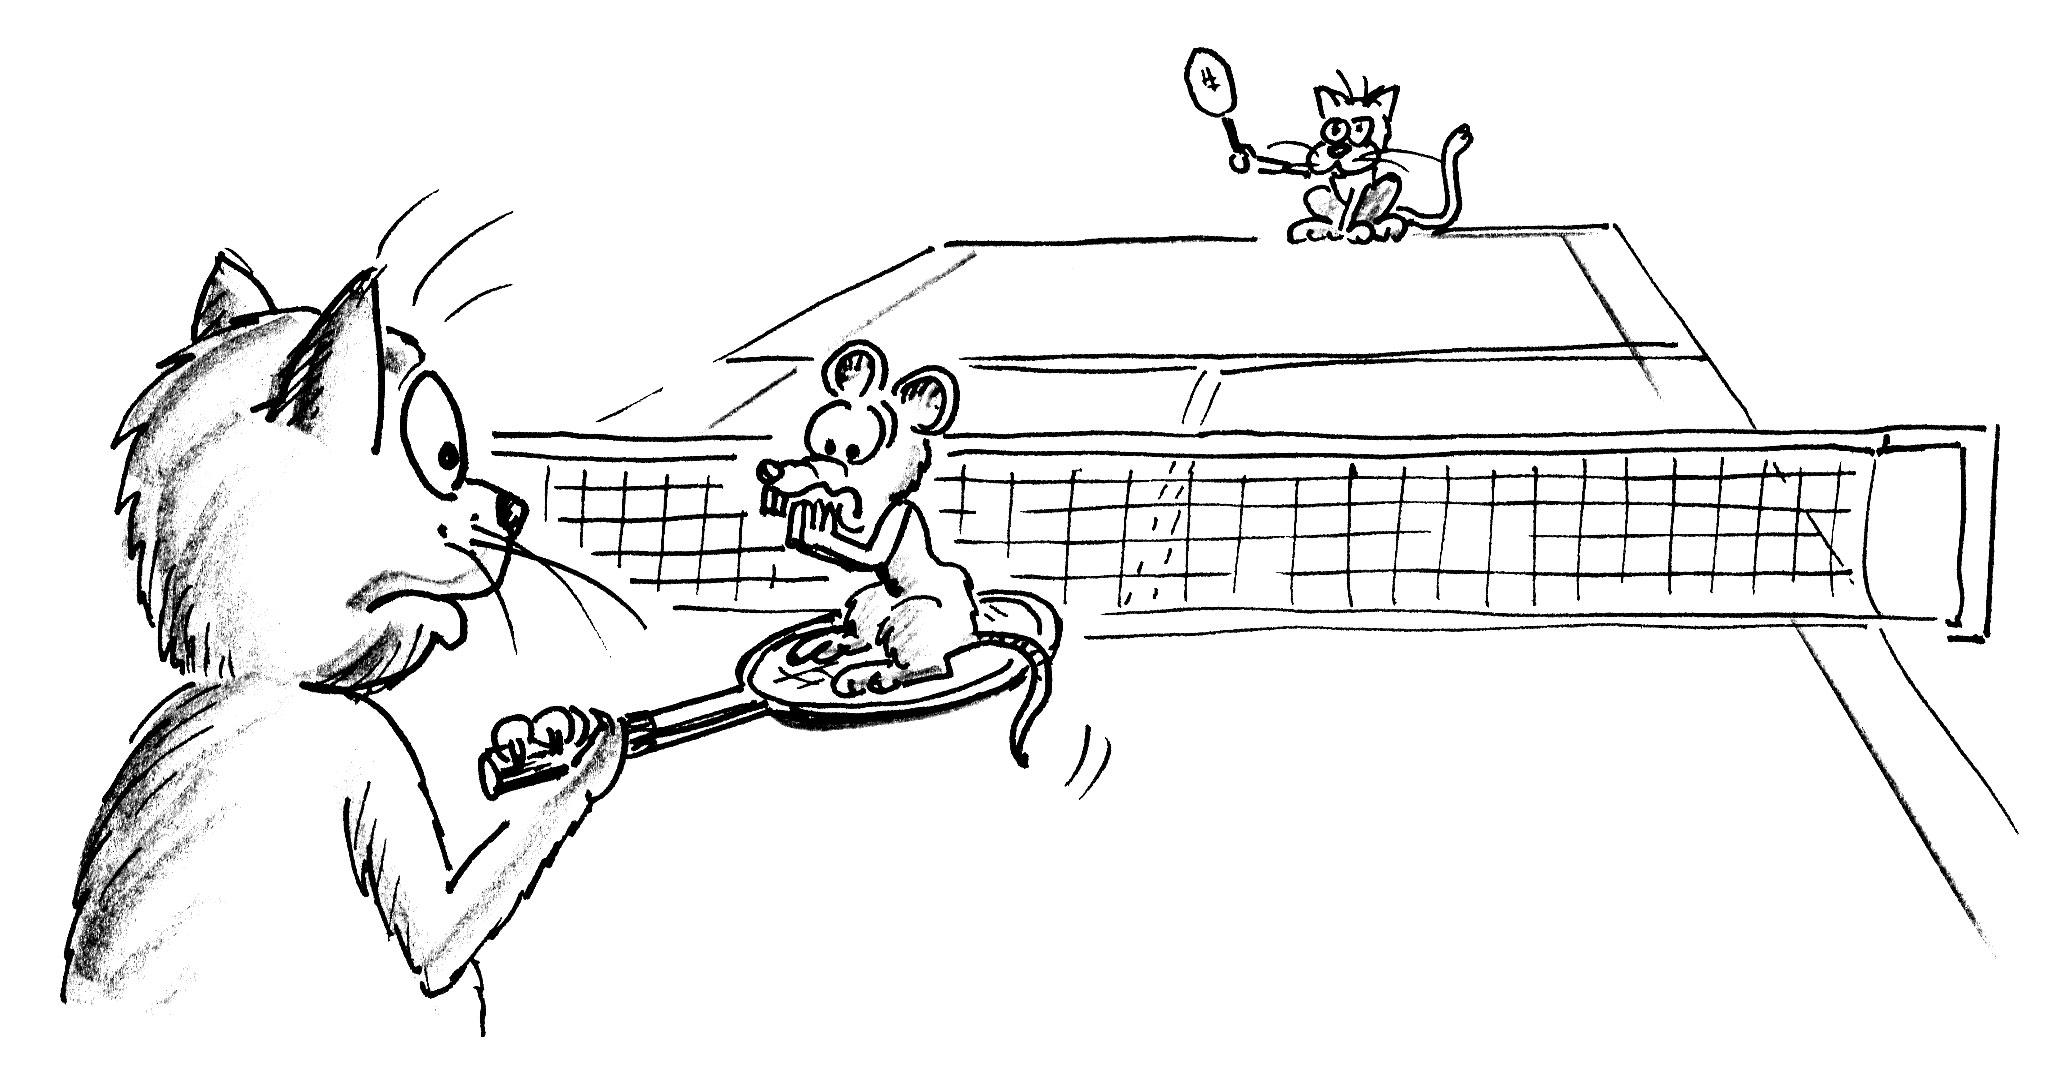 Jeux De Renvoi Avec Enfants – Tennis: Le Chat Et La Souris pour Jeux De Dessin De Chat